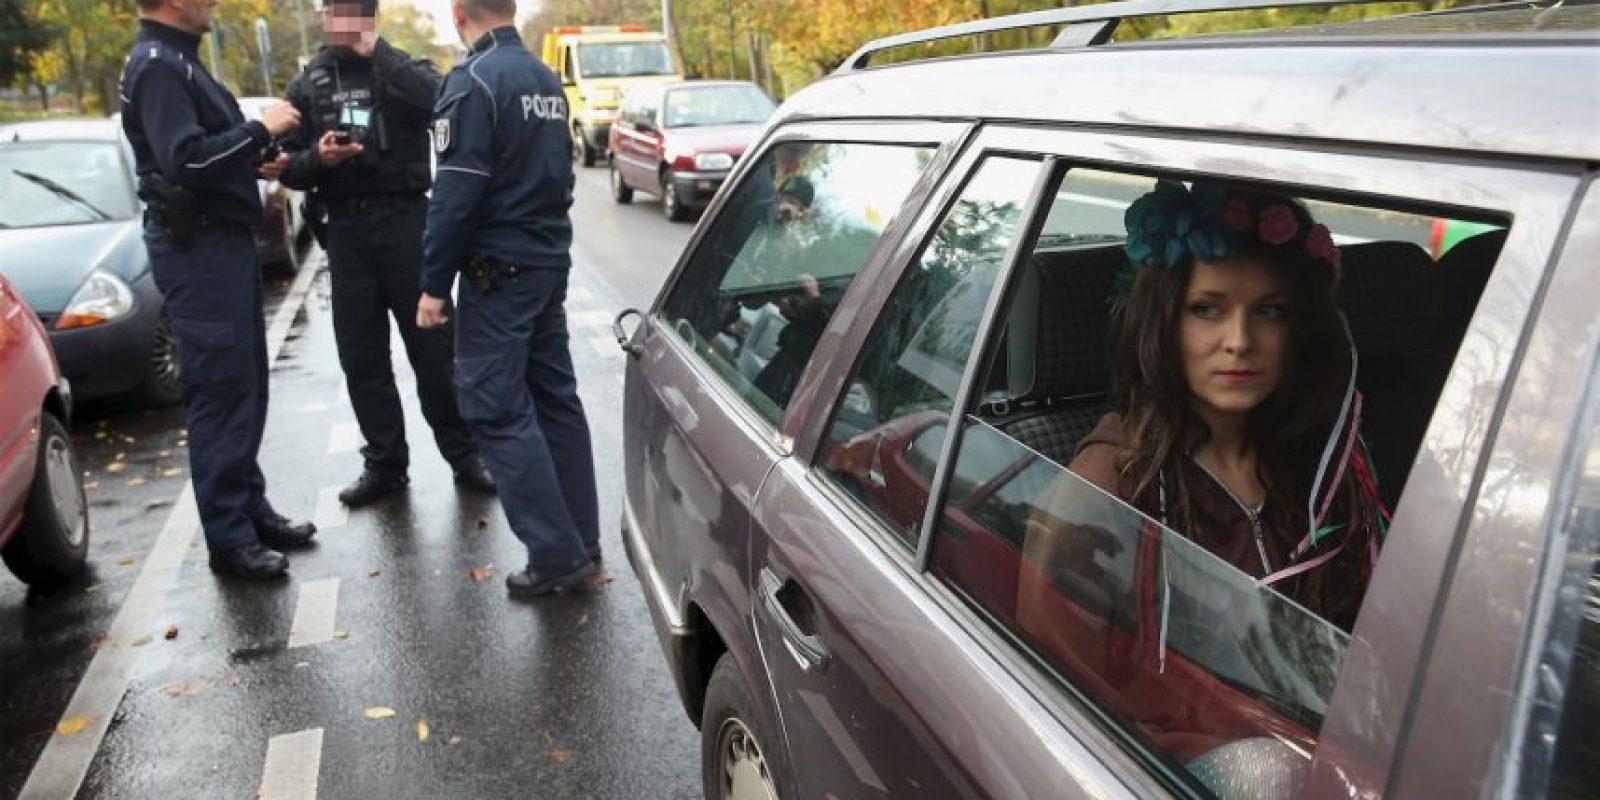 12. Usa el cinturón de seguridad y asegúrate de que el resto de los pasajeros también lo utilicen. Foto:Getty Images